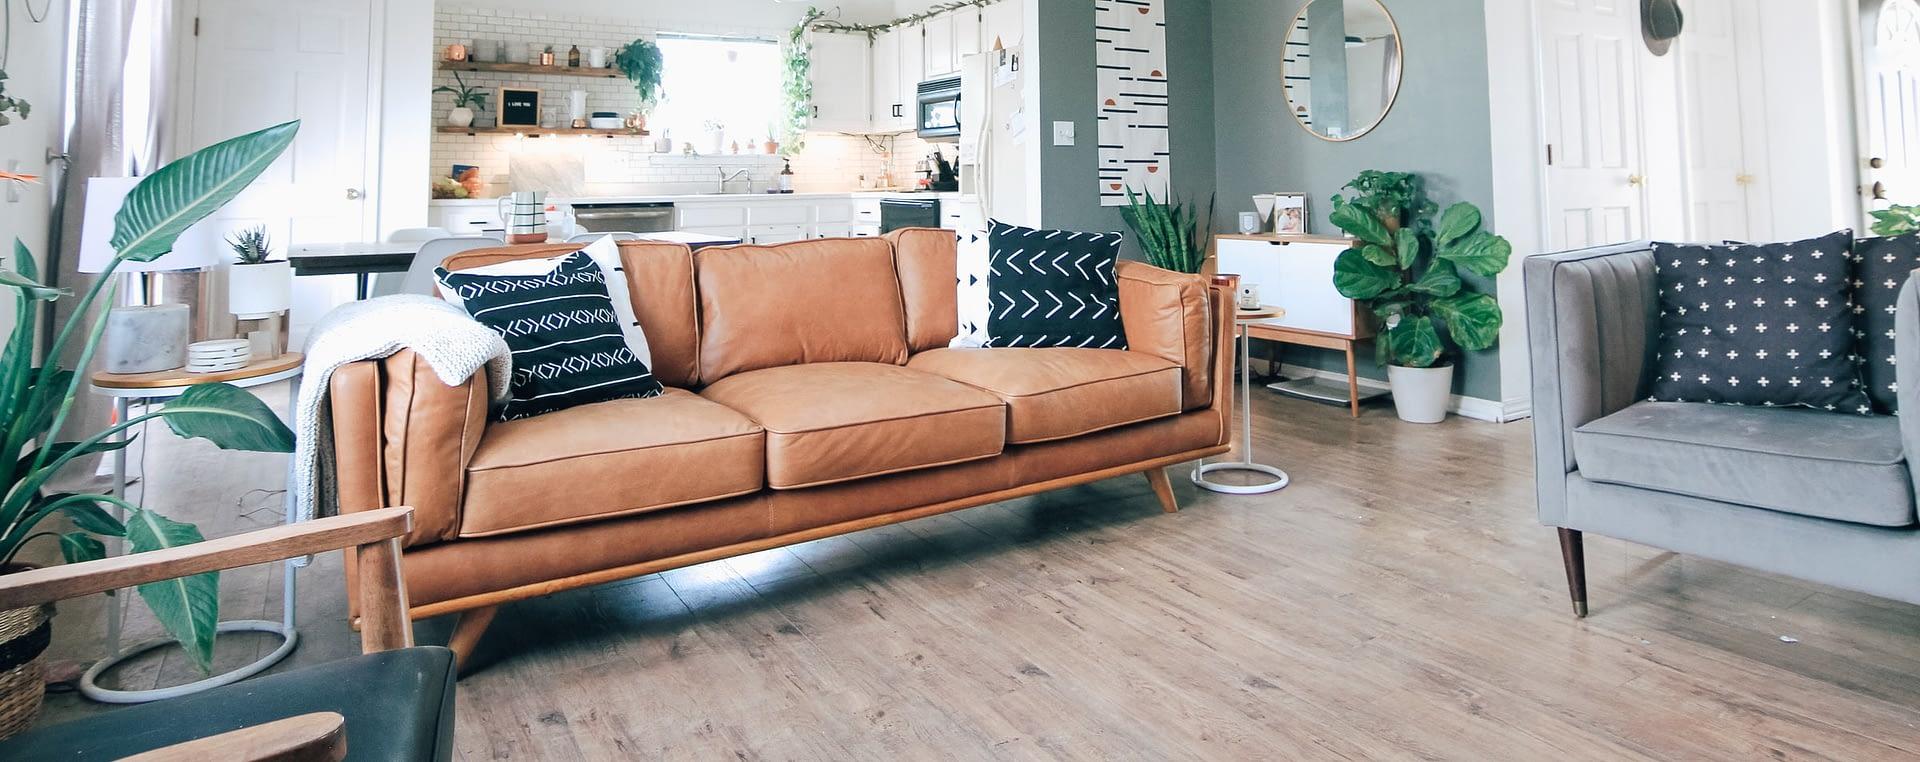 Vinyl floor fitter and supplier Bristol